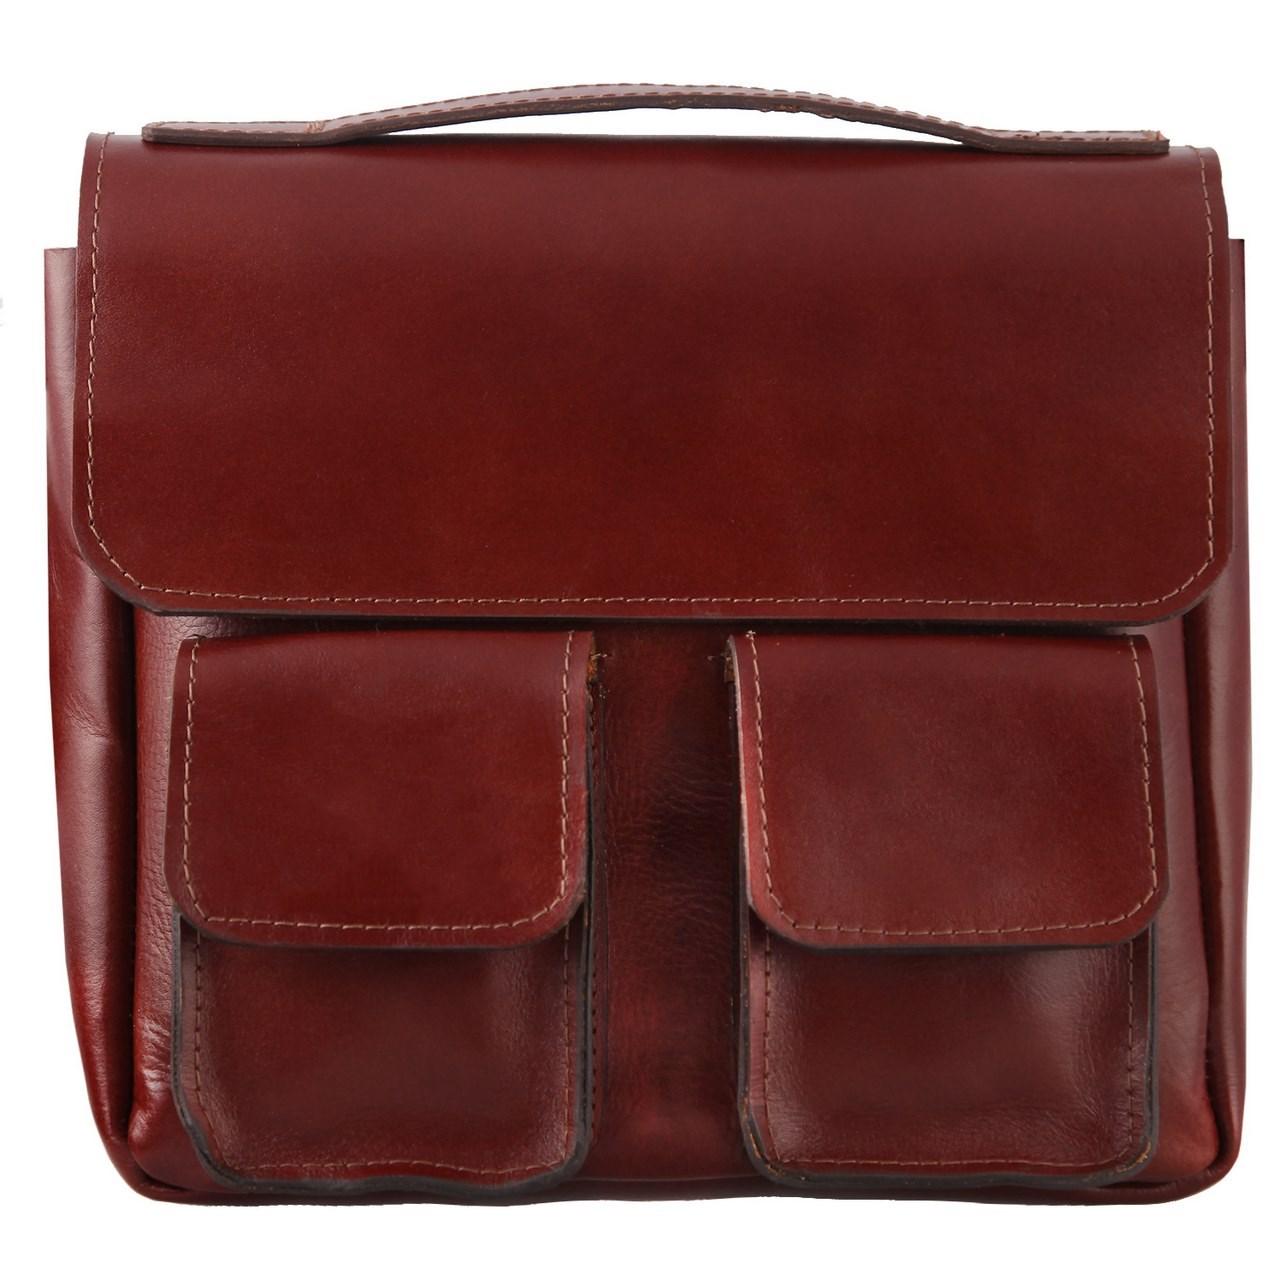 قیمت کیف دوشی چرم طبیعی گالری ستاک کد 81045